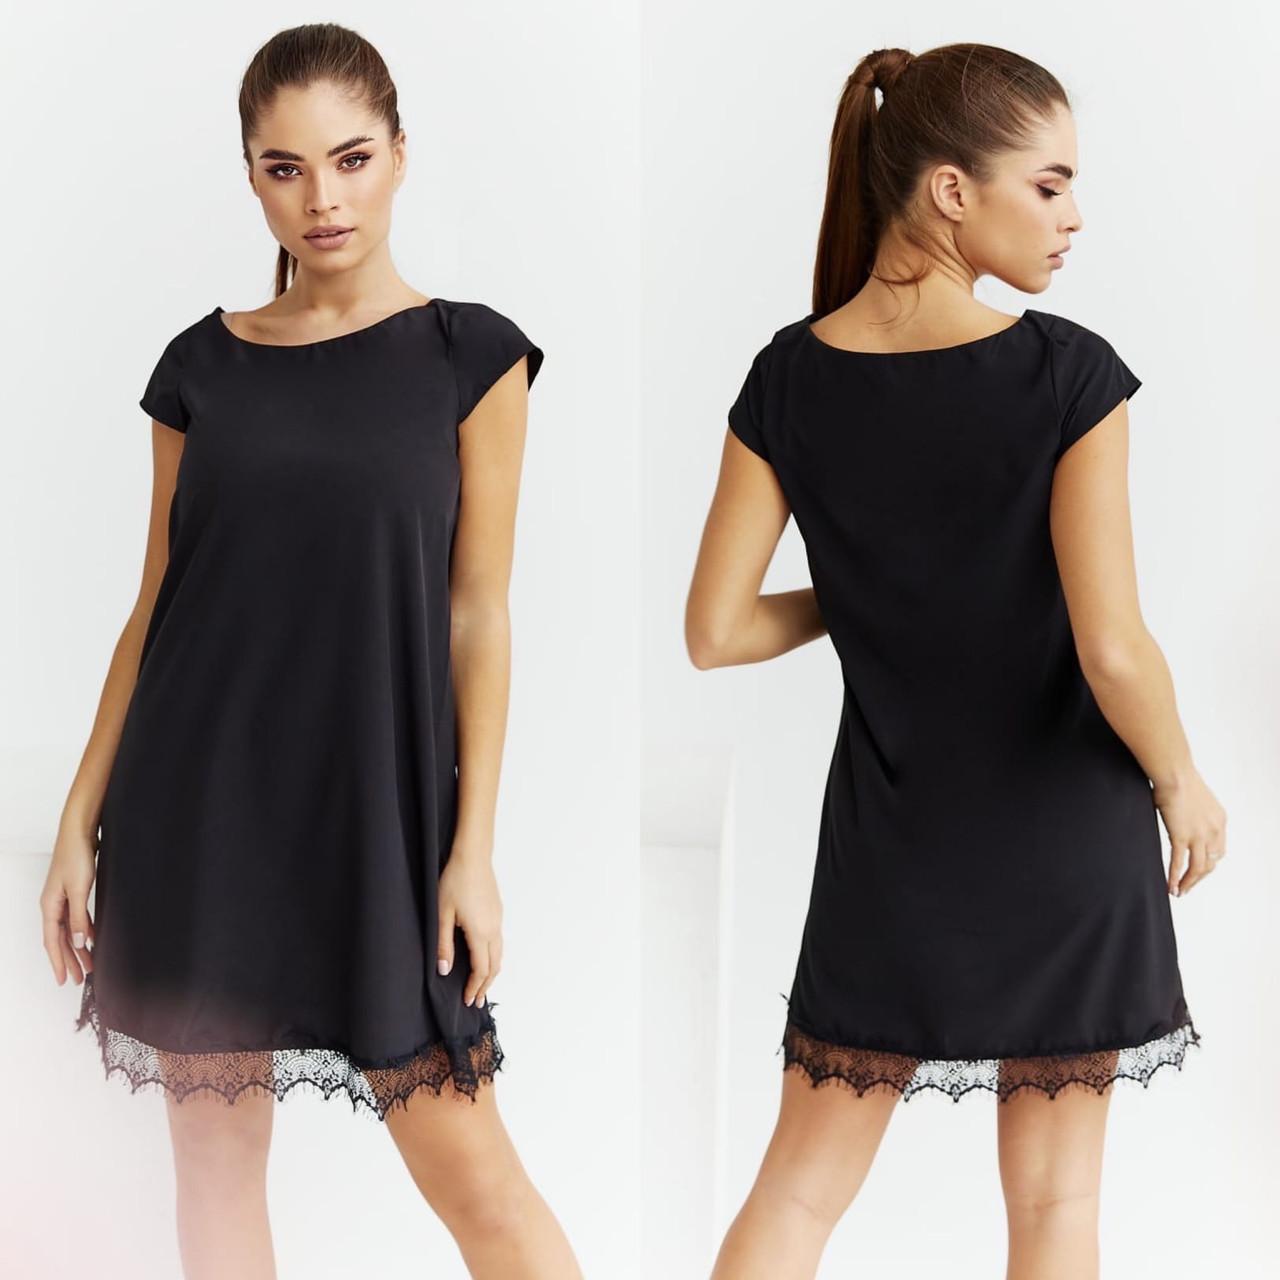 """Літнє жіноче плаття нарядне до великих розмірів 2031 """"Софт Міні Мереживо"""" в кольорах"""